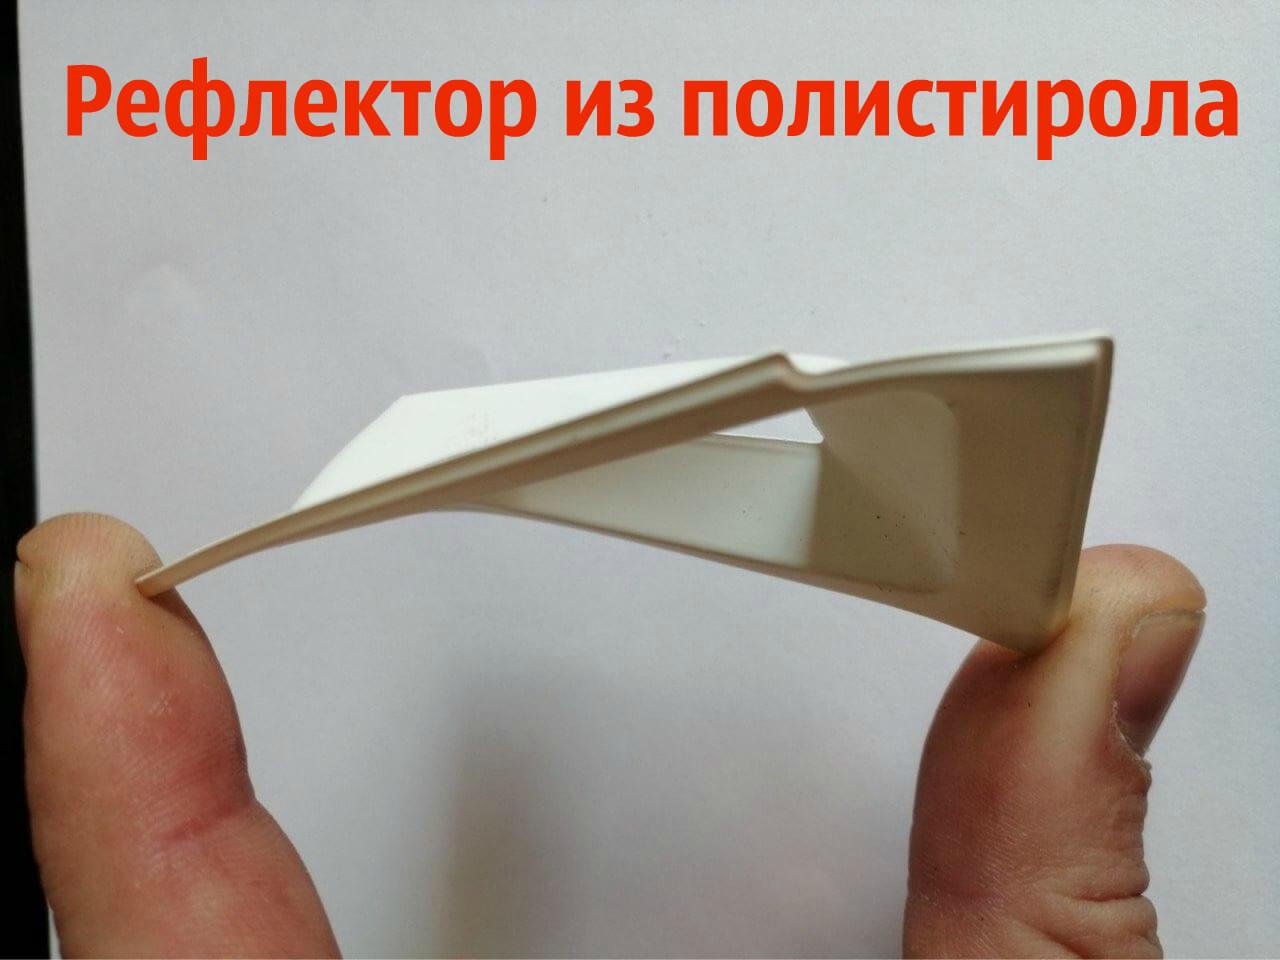 photo_2020-09-25_17-24-30